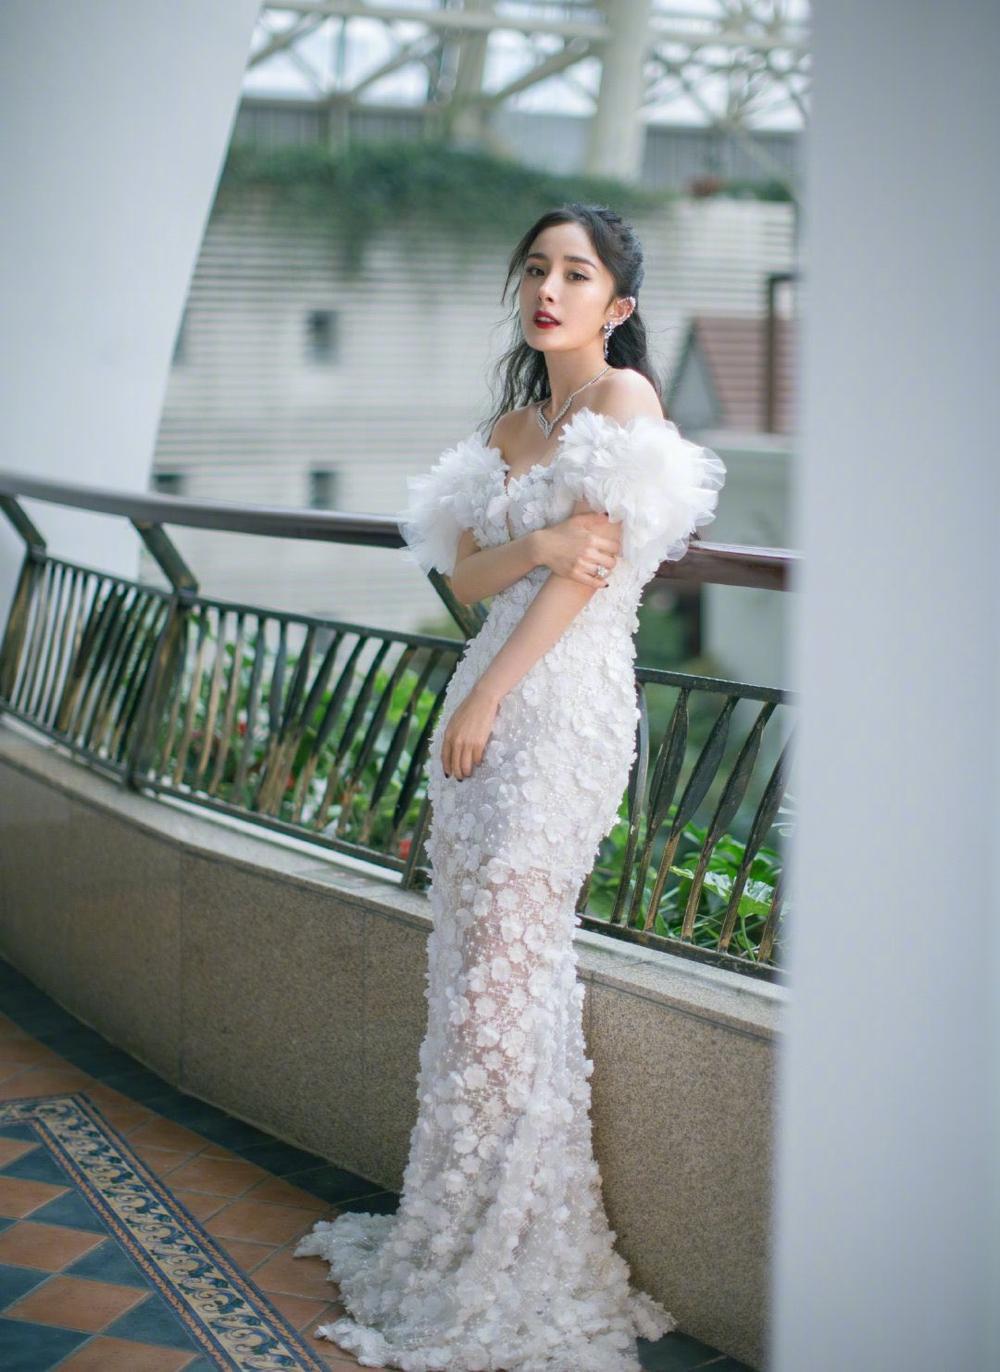 'Đêm hội ELLE 2020': Cận cảnh nhan sắc đẹp nao lòng của Dương Mịch, Cổ Lực Na Trát, Đường Yên và loạt sao Cbiz Ảnh 2